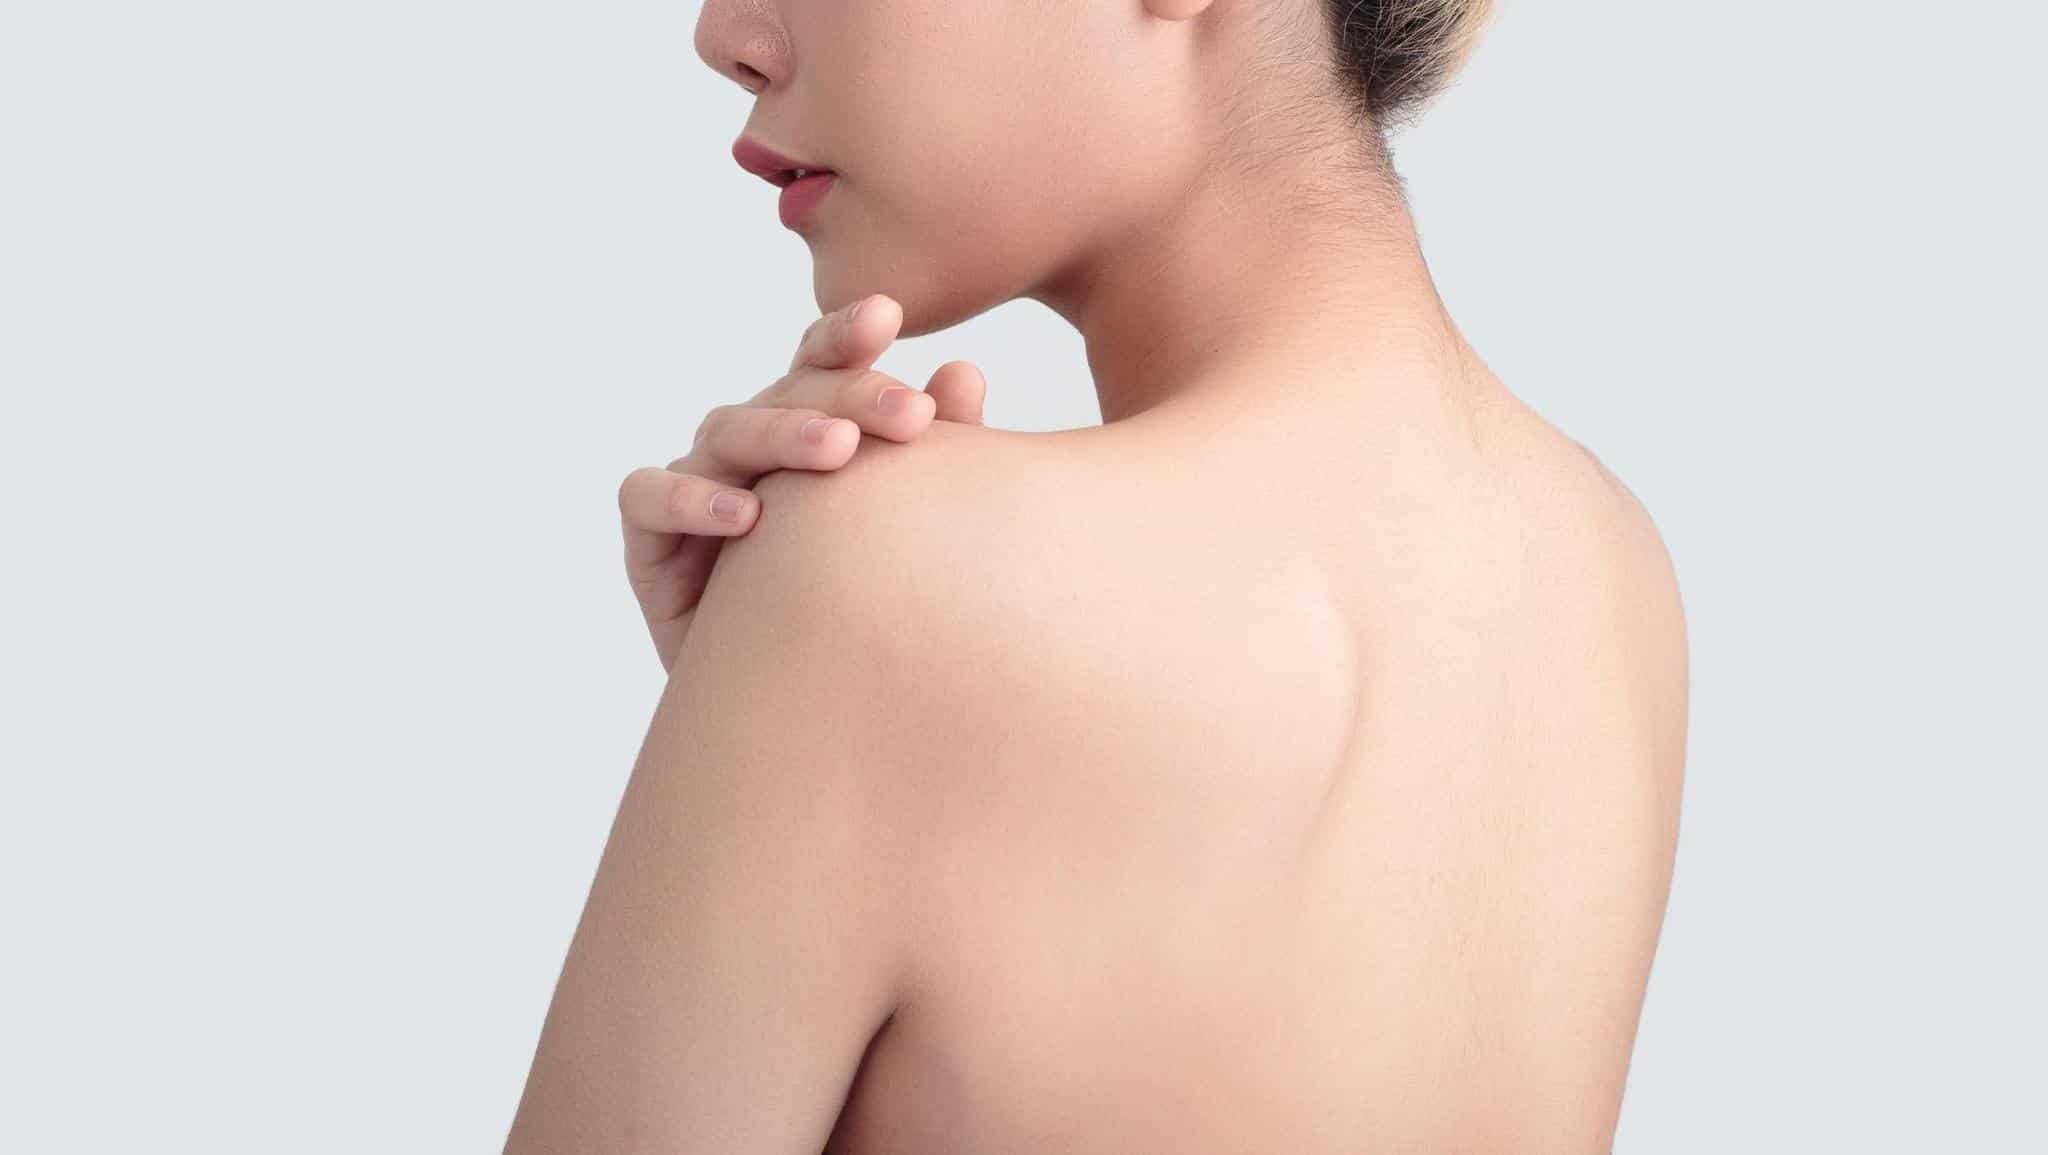 Gợi ý 4 tips trị mụn lưng hiệu quả bằng nguyên liệu tự nhiên